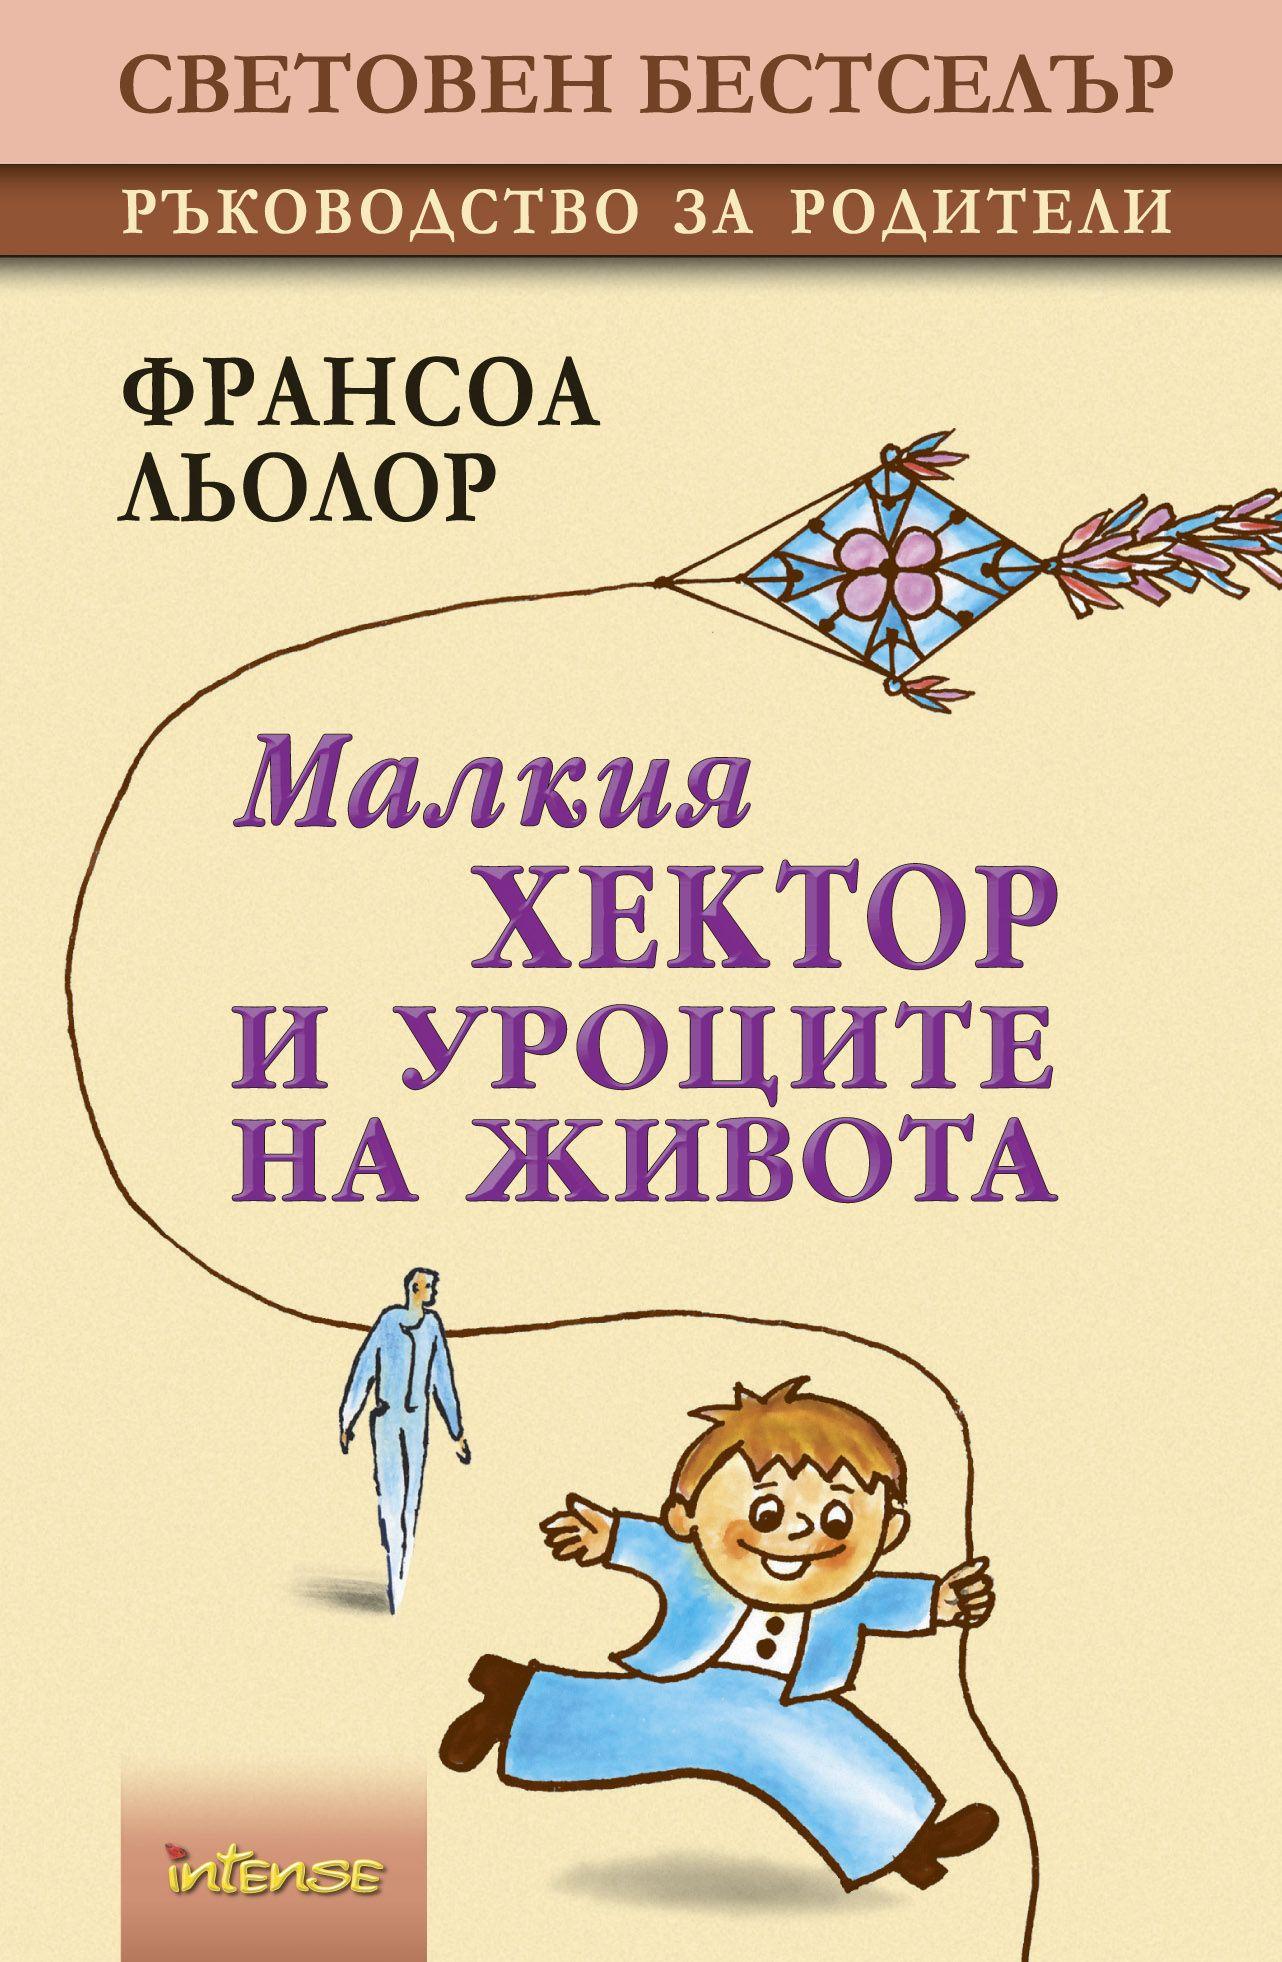 Малкия Хектор и уроците на живота - 1